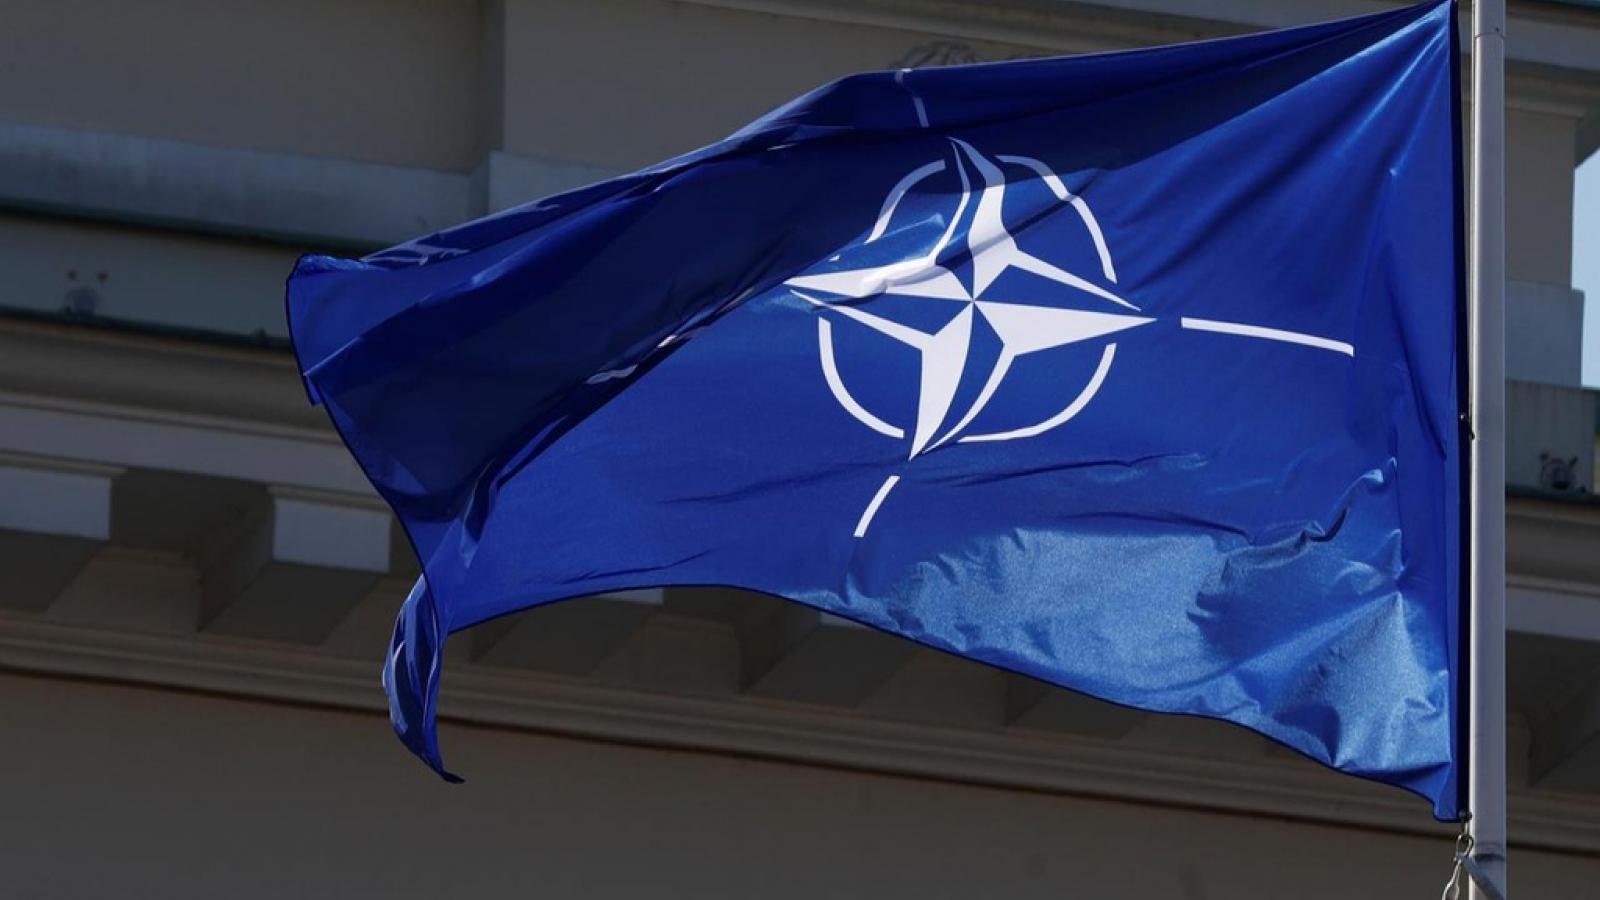 Hội nghị Bộ trưởng NATO đánh giá lại quan hệ với Nga và Trung Quốc